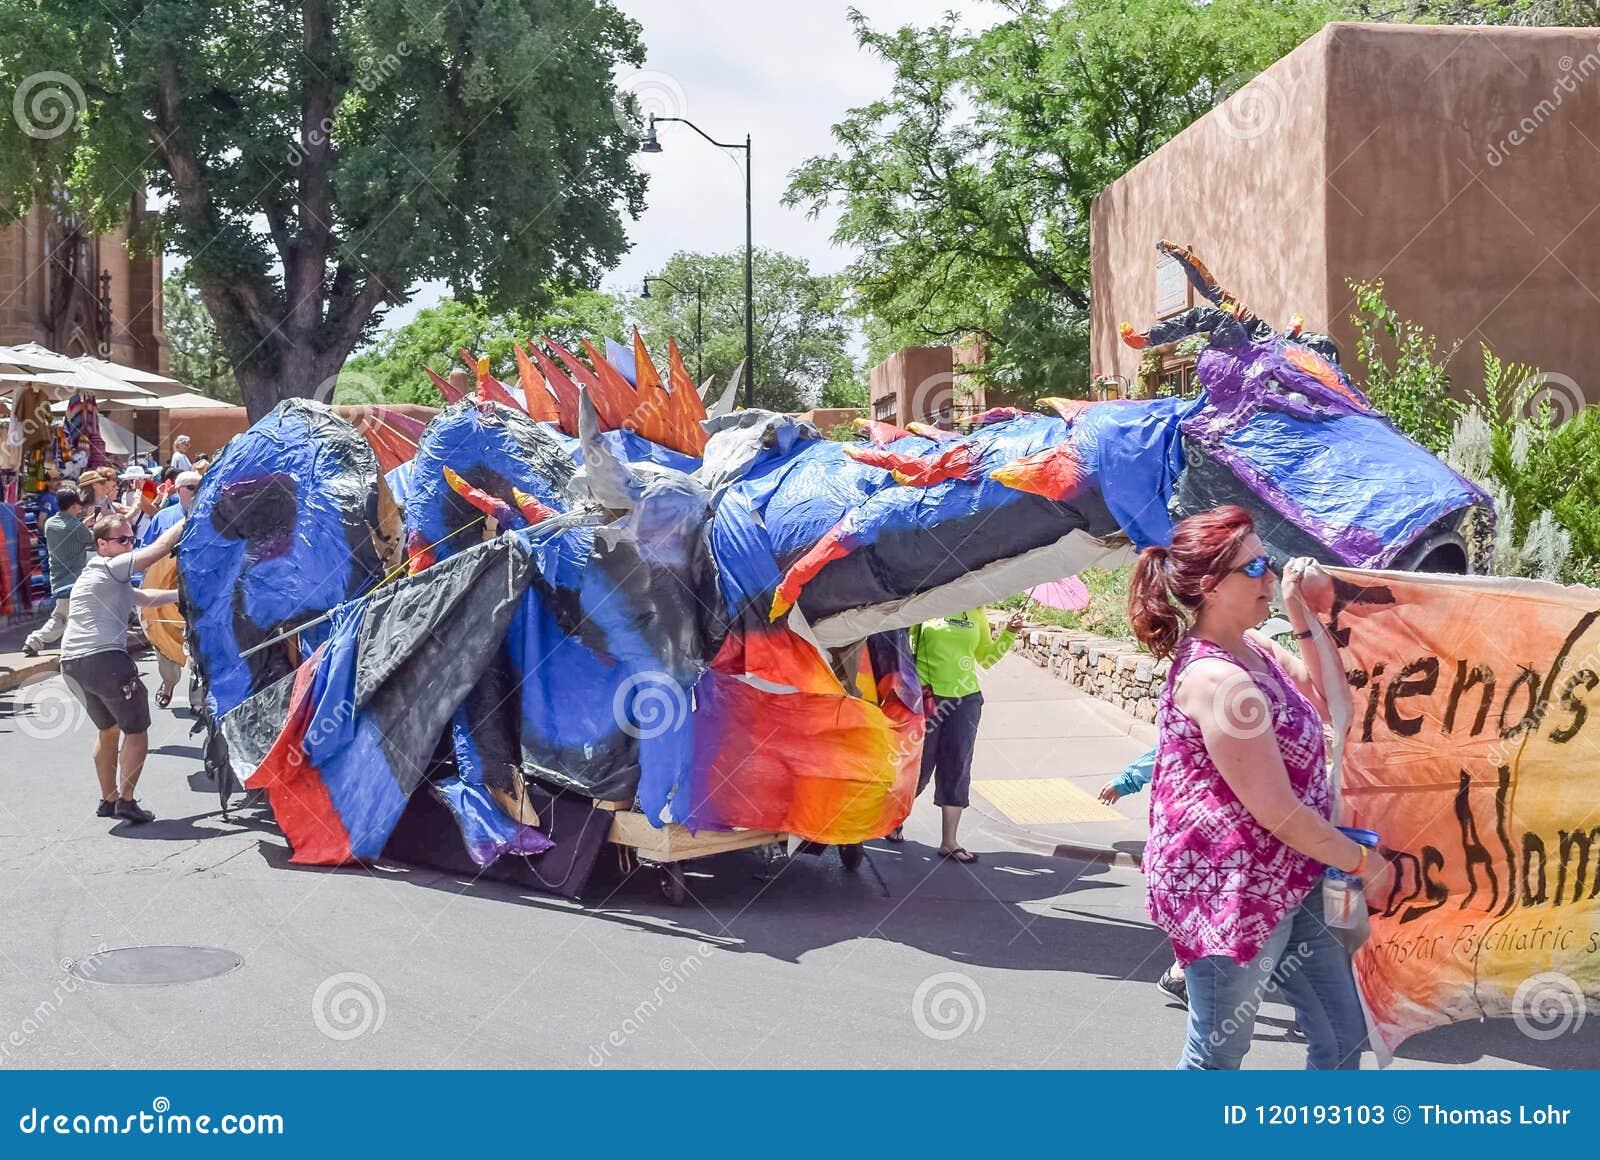 Gay lesbian santa fe new mexico